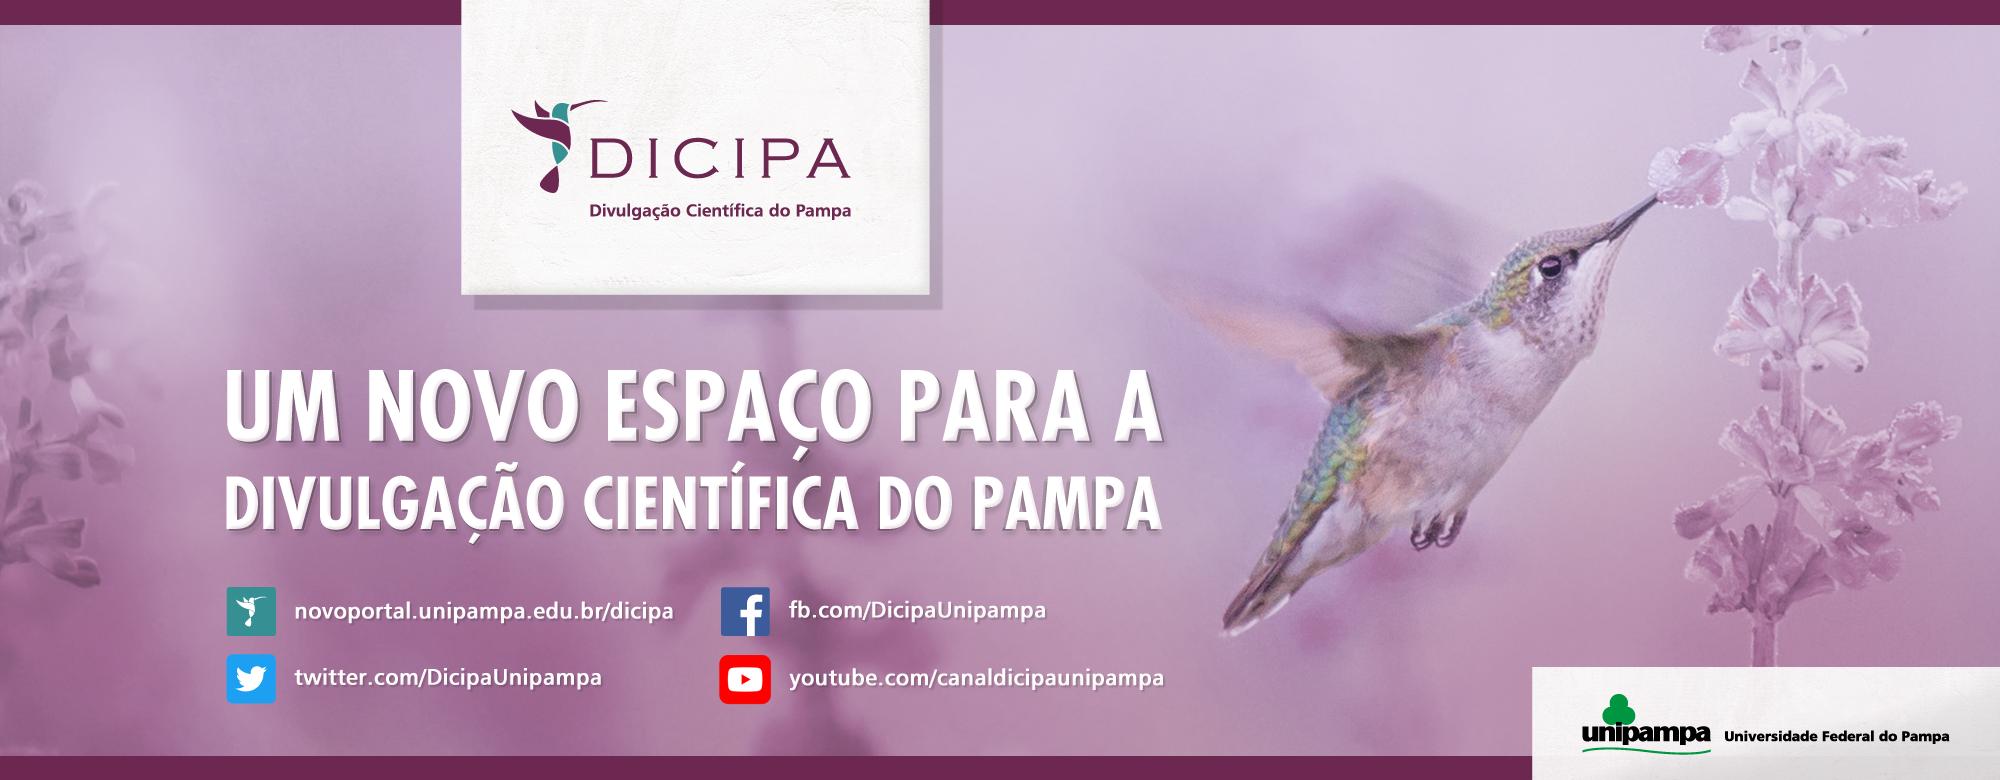 Banner publicitário anunciando o lançamento do portal da Dicipa.